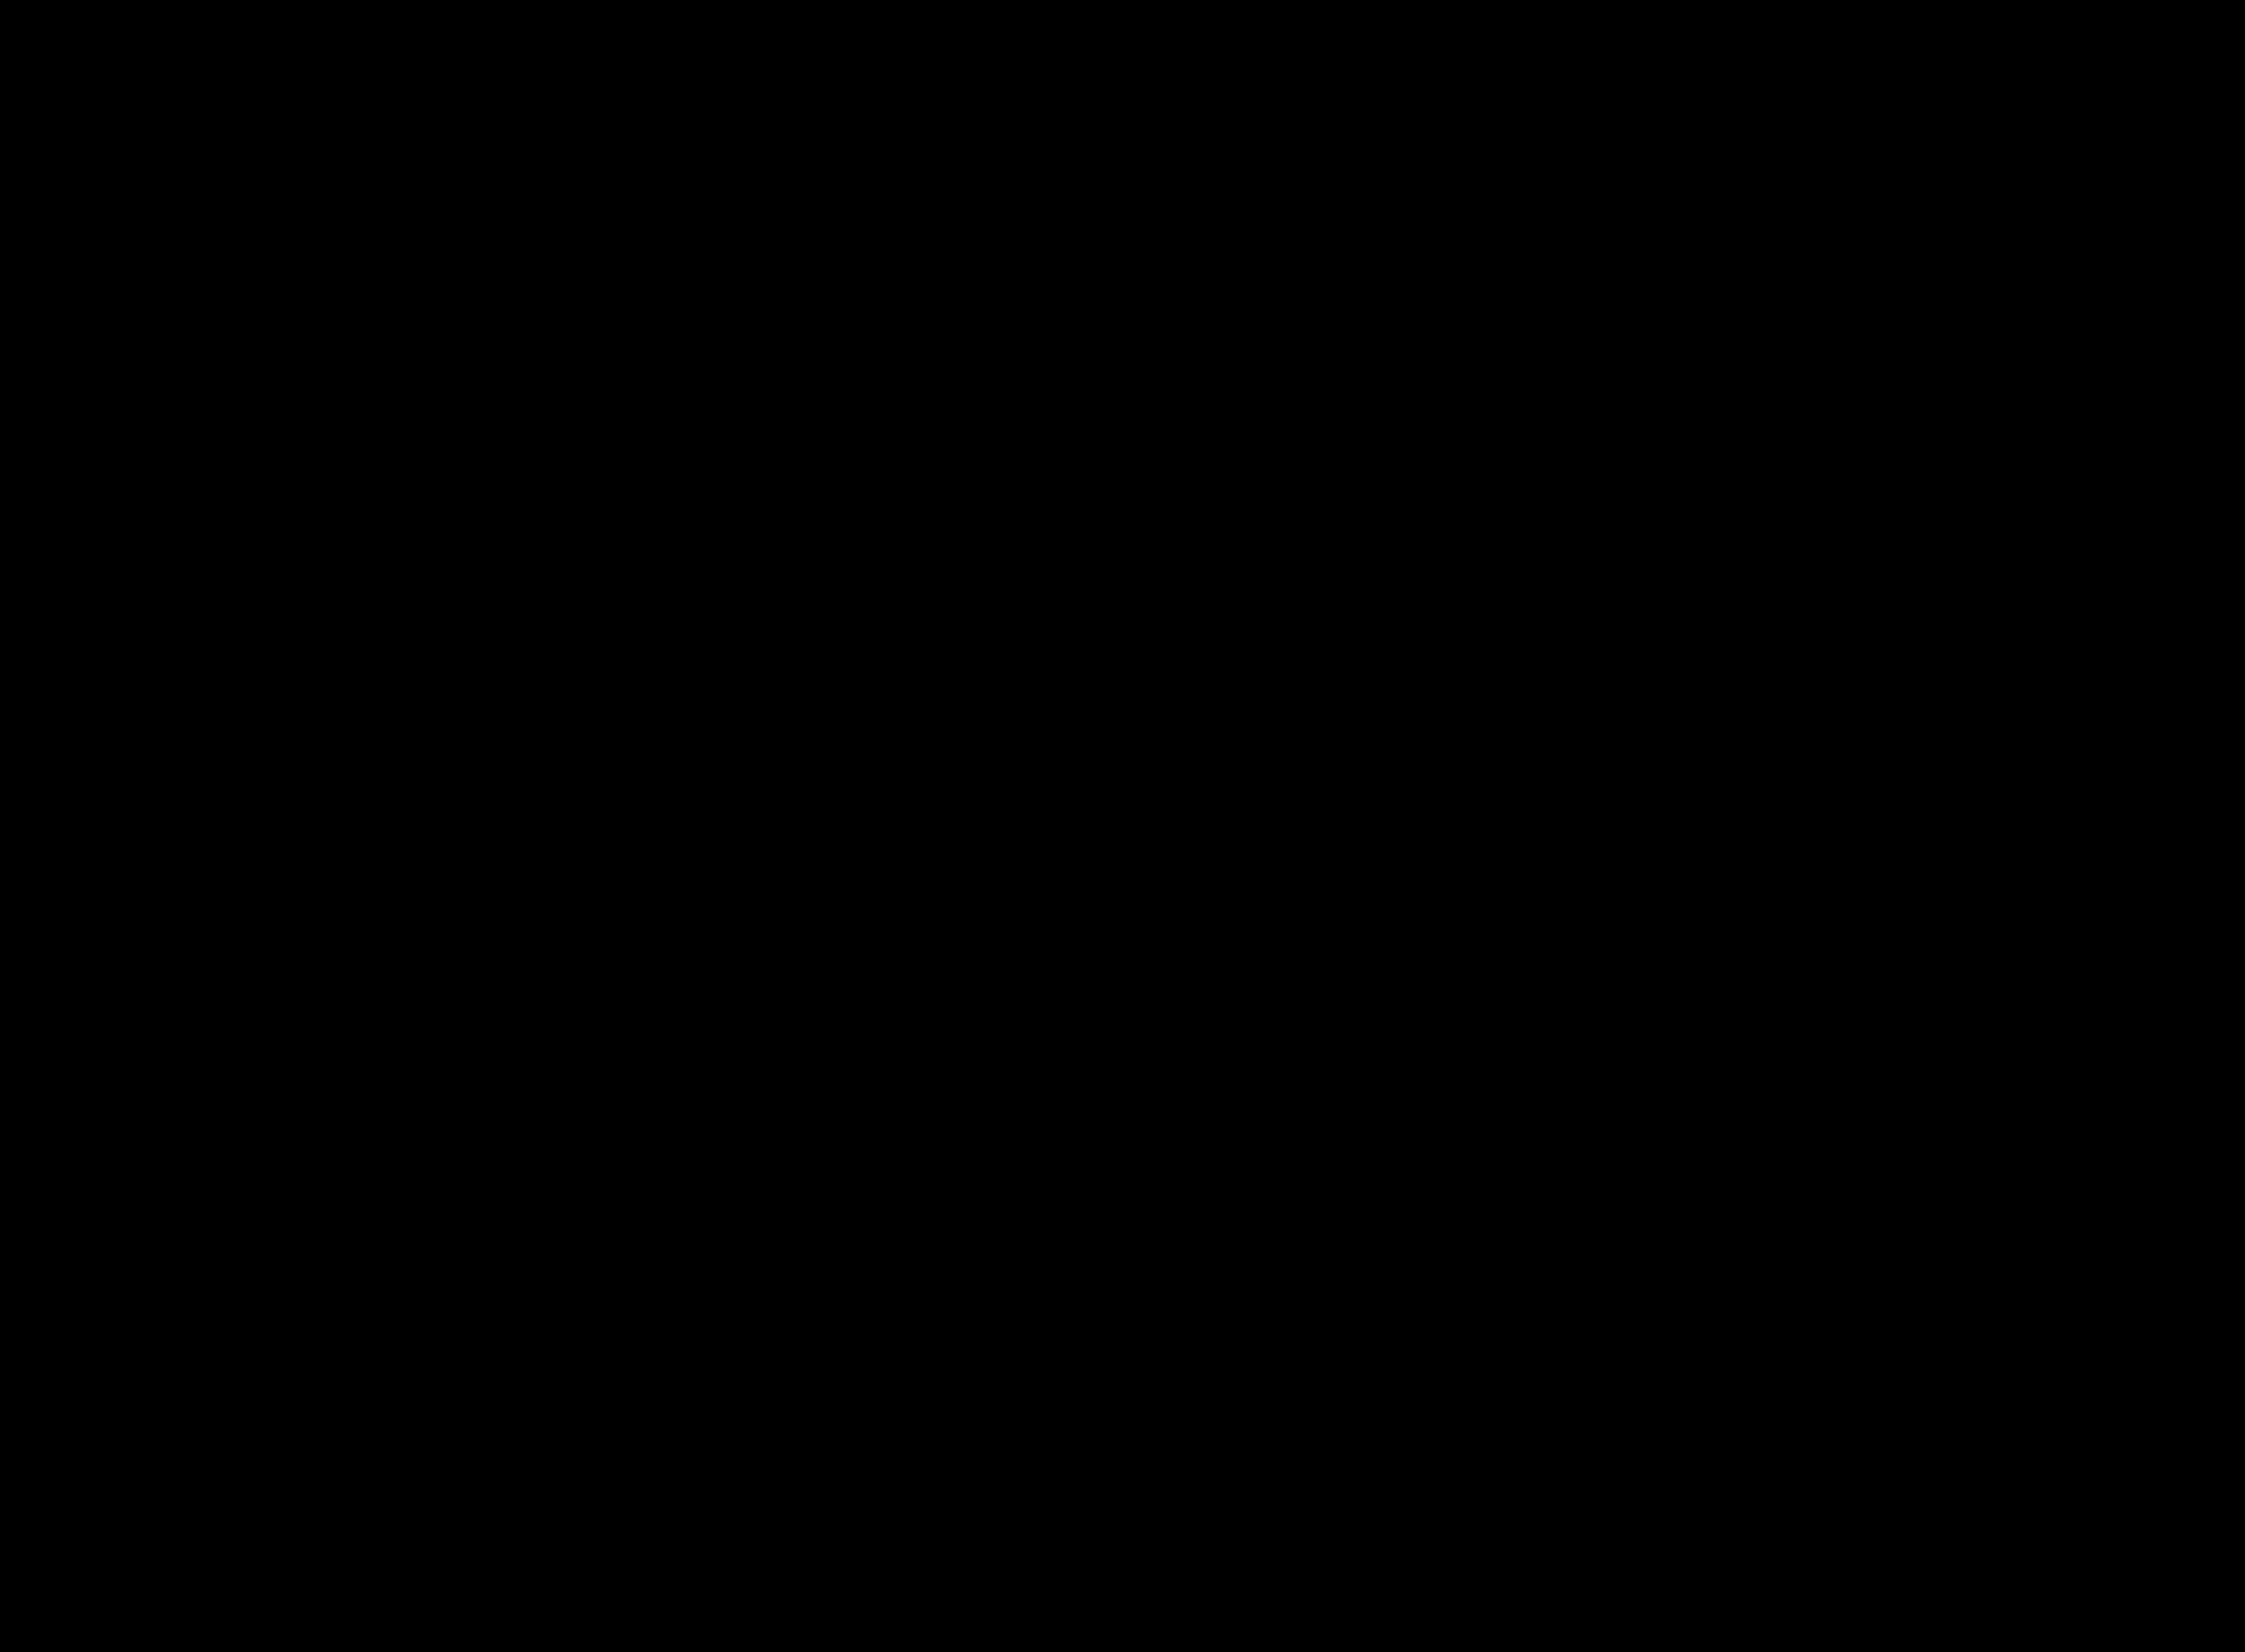 Madi_Logo_FINAL_Transparent.png